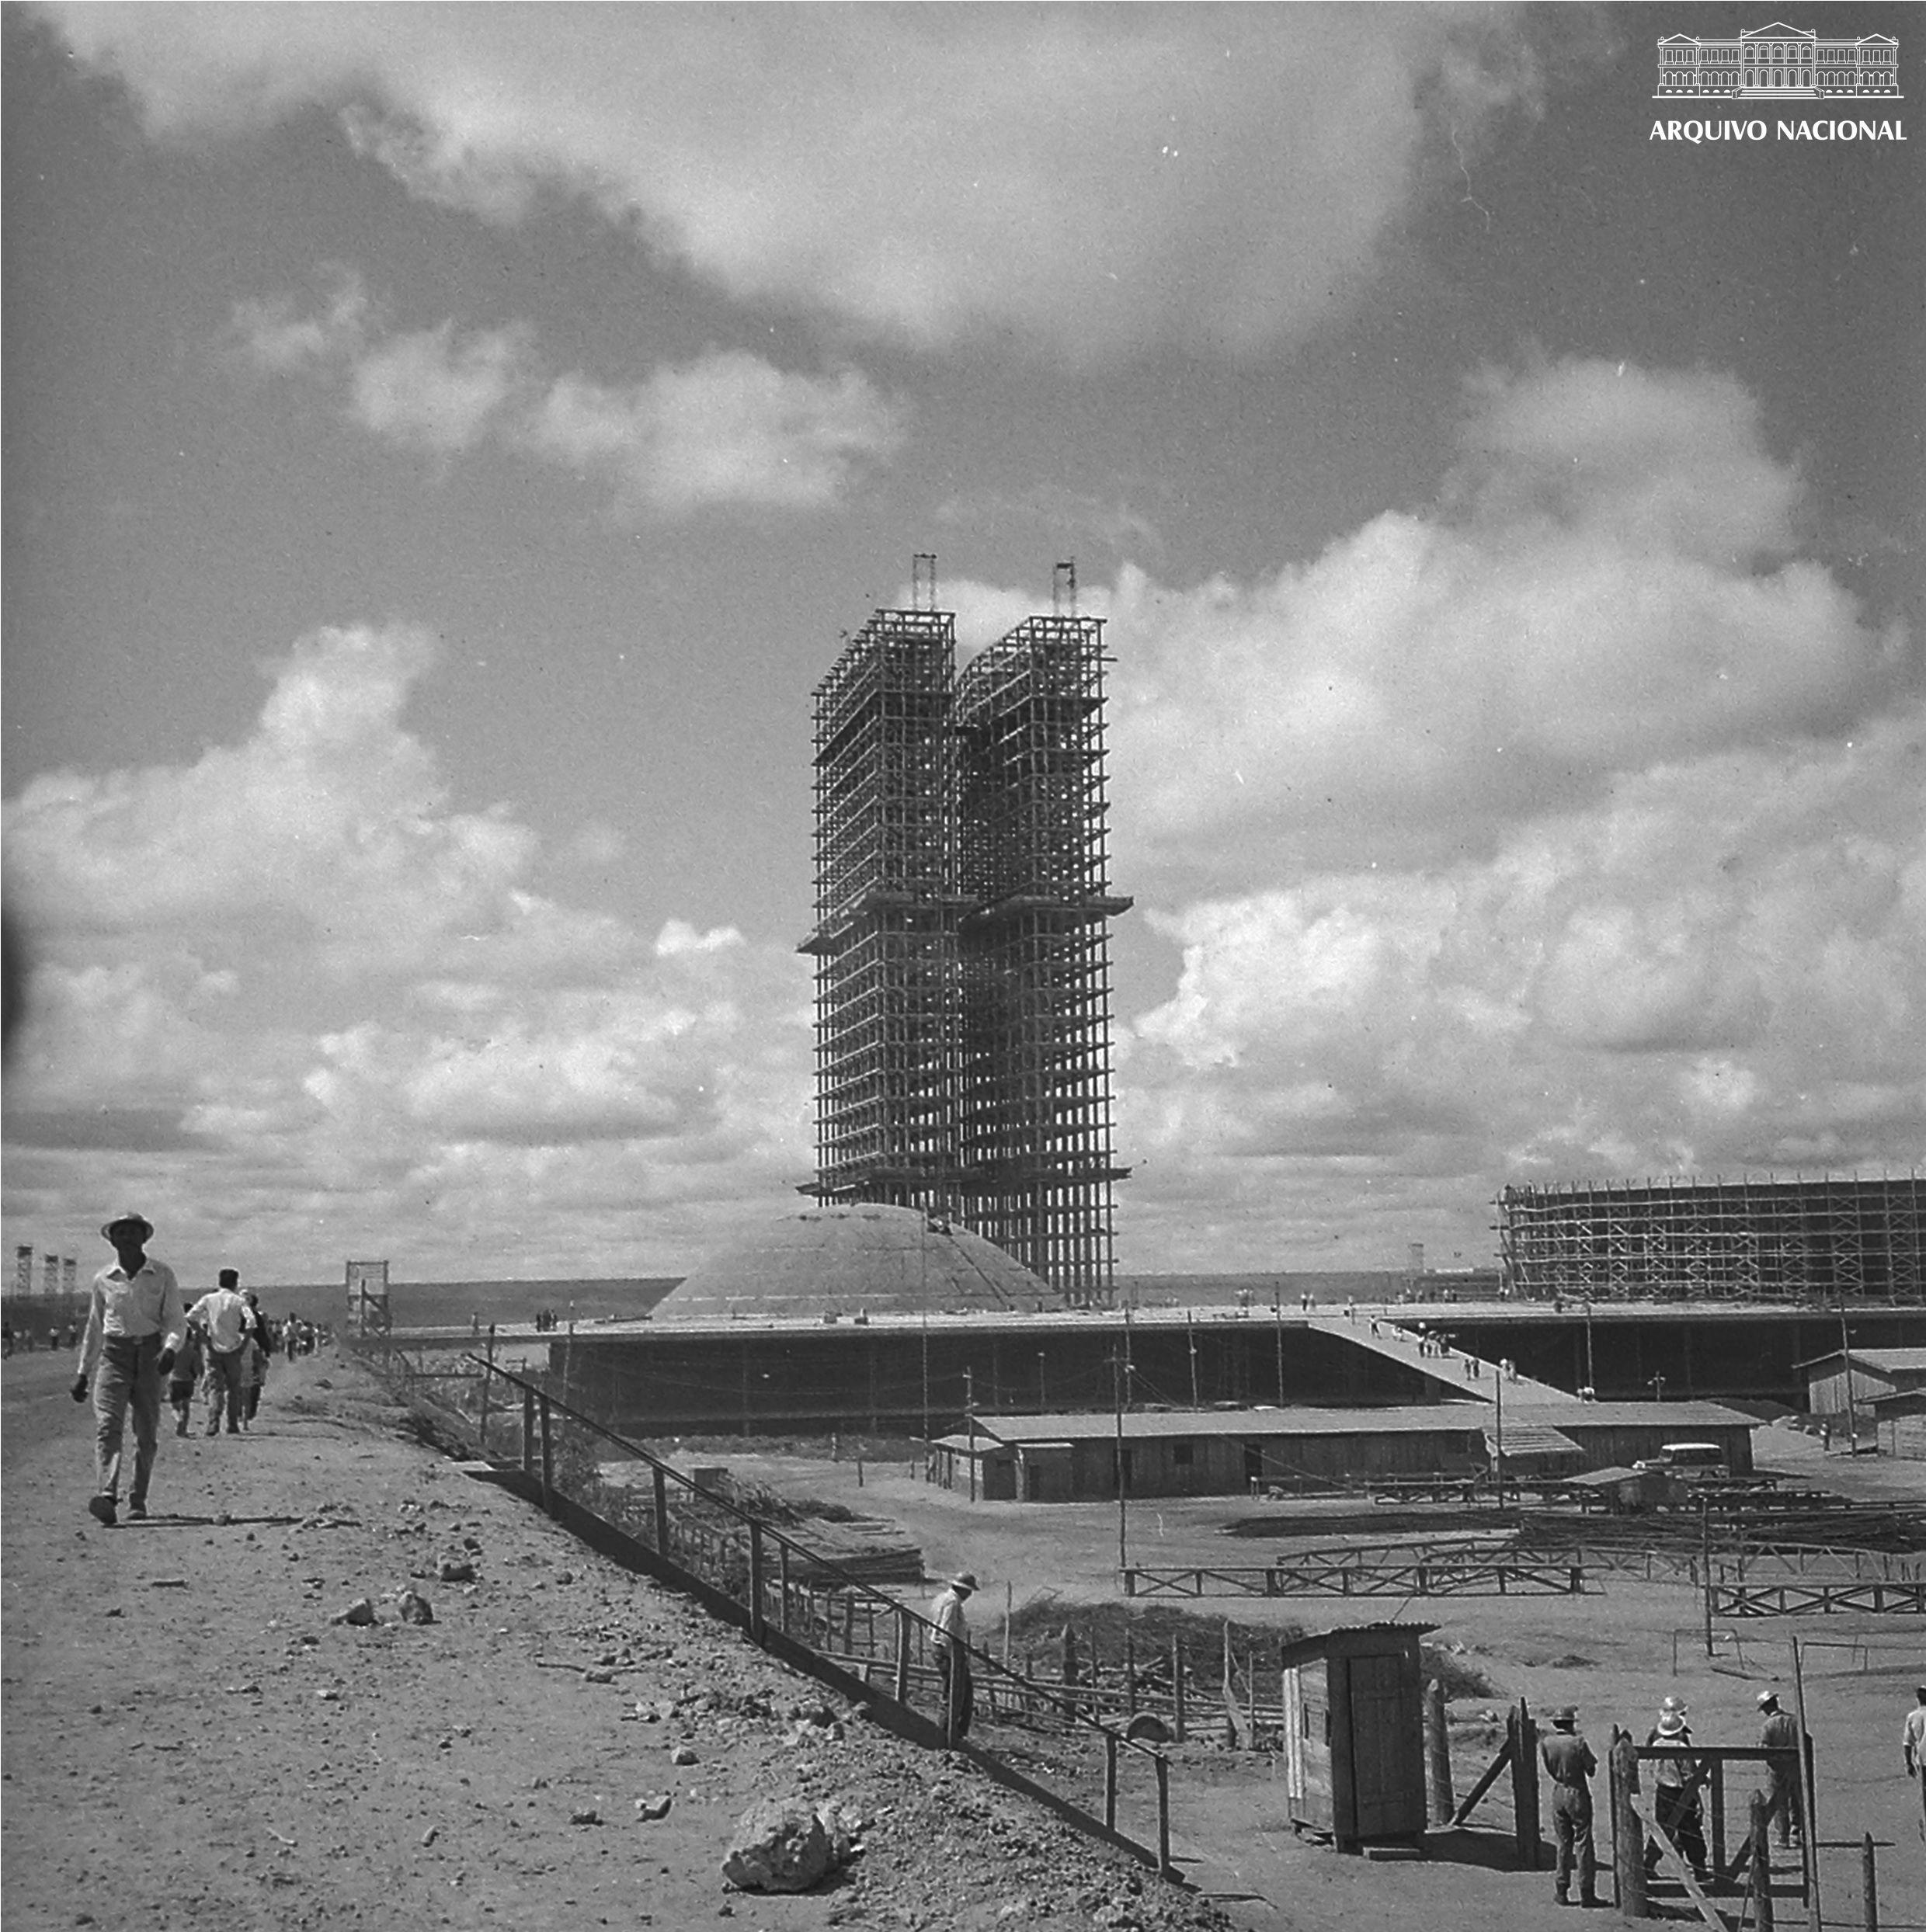 443d9244b Congresso Nacional em construção, Brasília, maio de 1959. Arquivo Nacional.  Fundo Agência